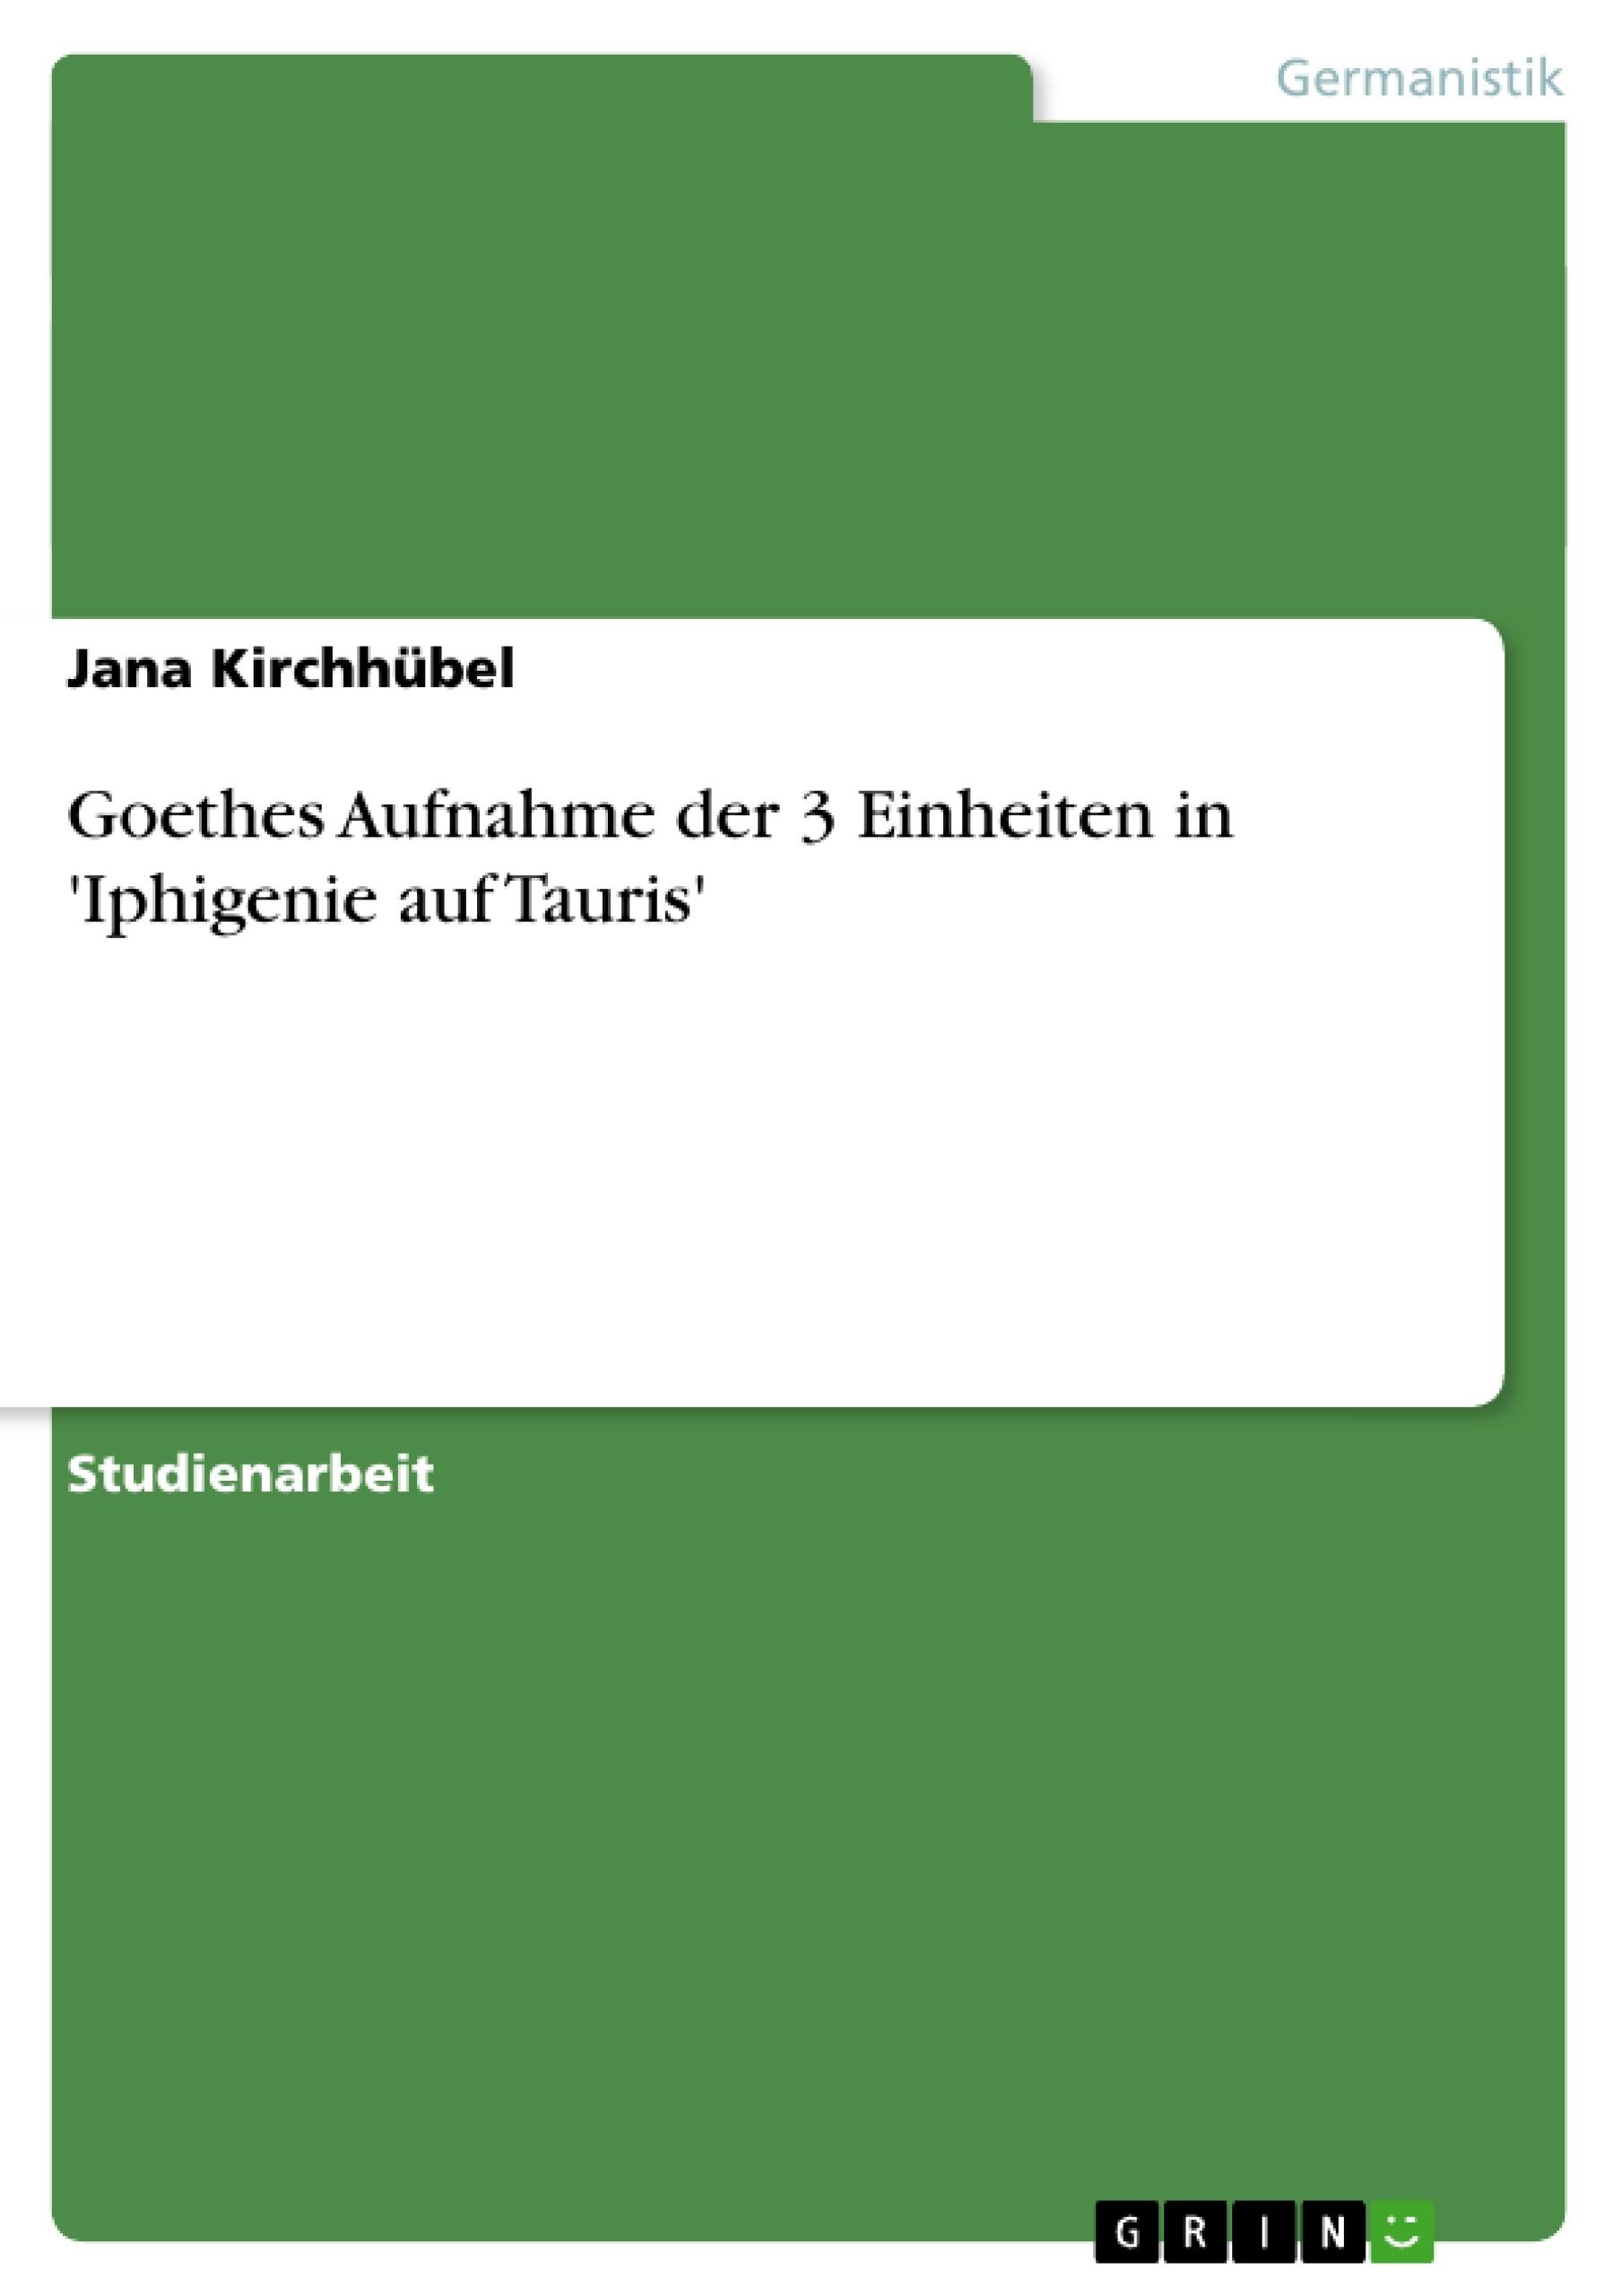 Titel: Goethes Aufnahme der 3 Einheiten in 'Iphigenie auf Tauris'